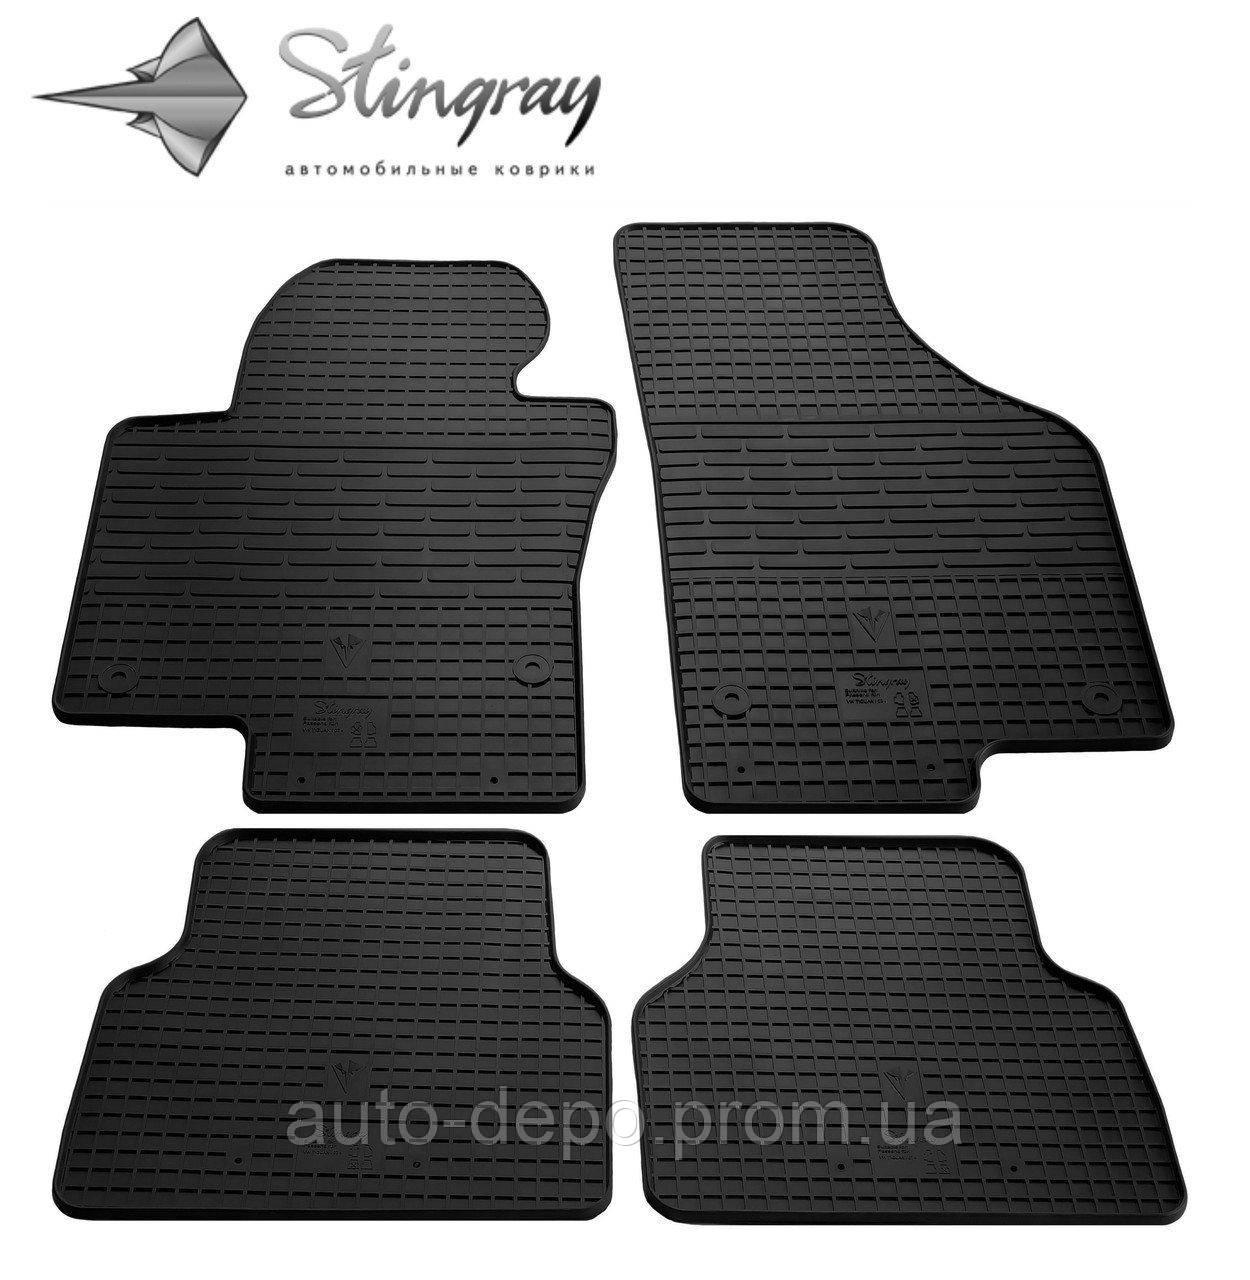 Коврики автомобильные для Volkswagen Tiguan 2007- Stingray